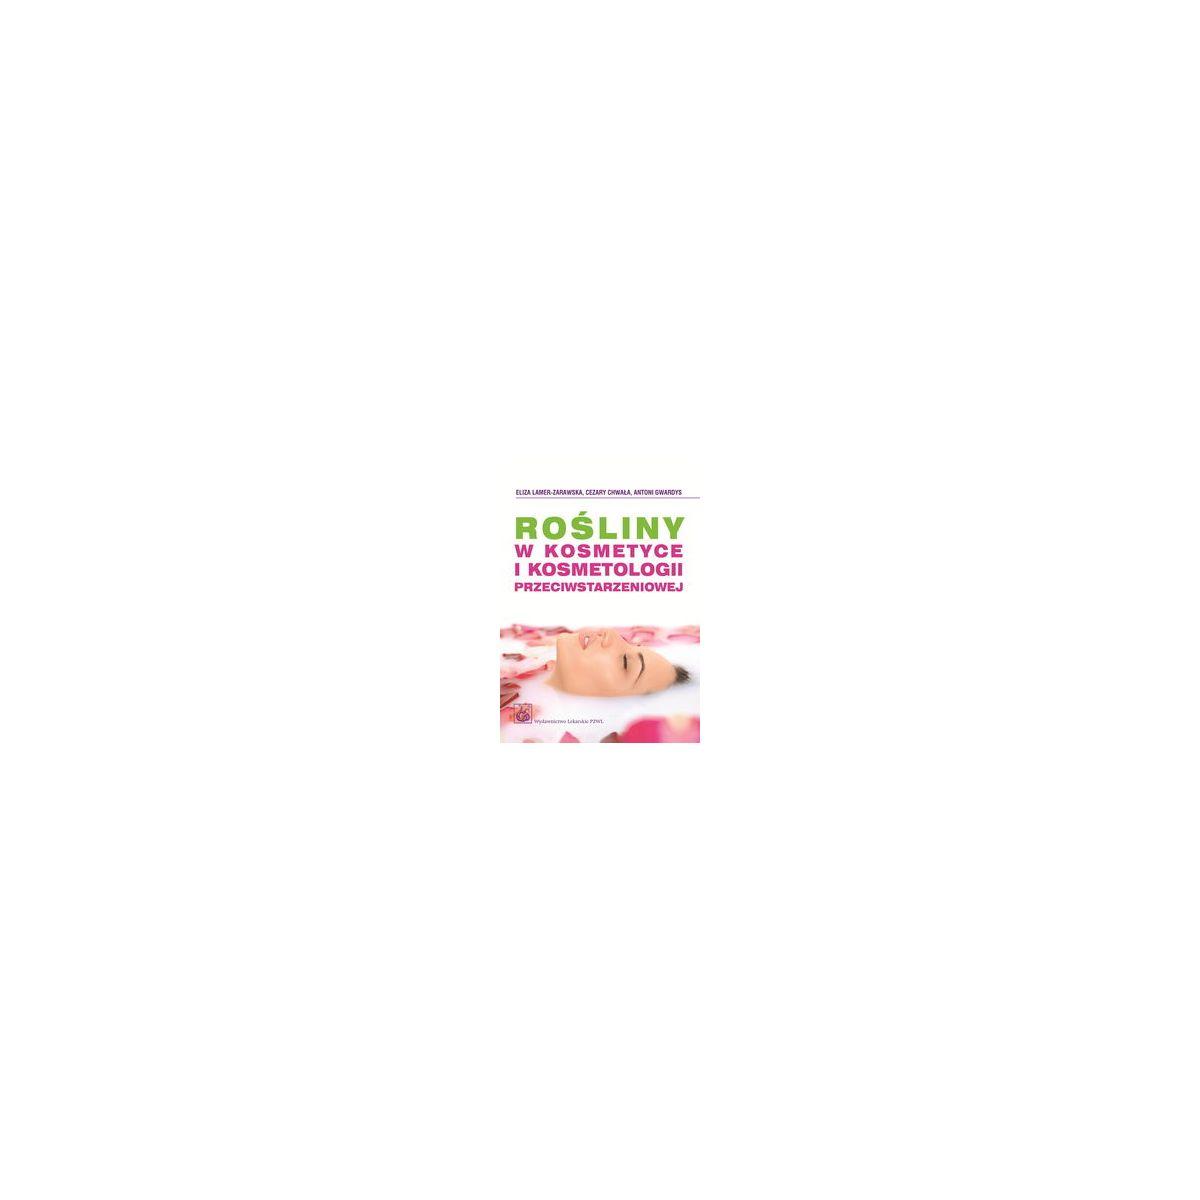 Rośliny w kosmetyce i kosmetologii przeciwstarzeniowej - Lamer-Zarawska, Chwała, Gwardys